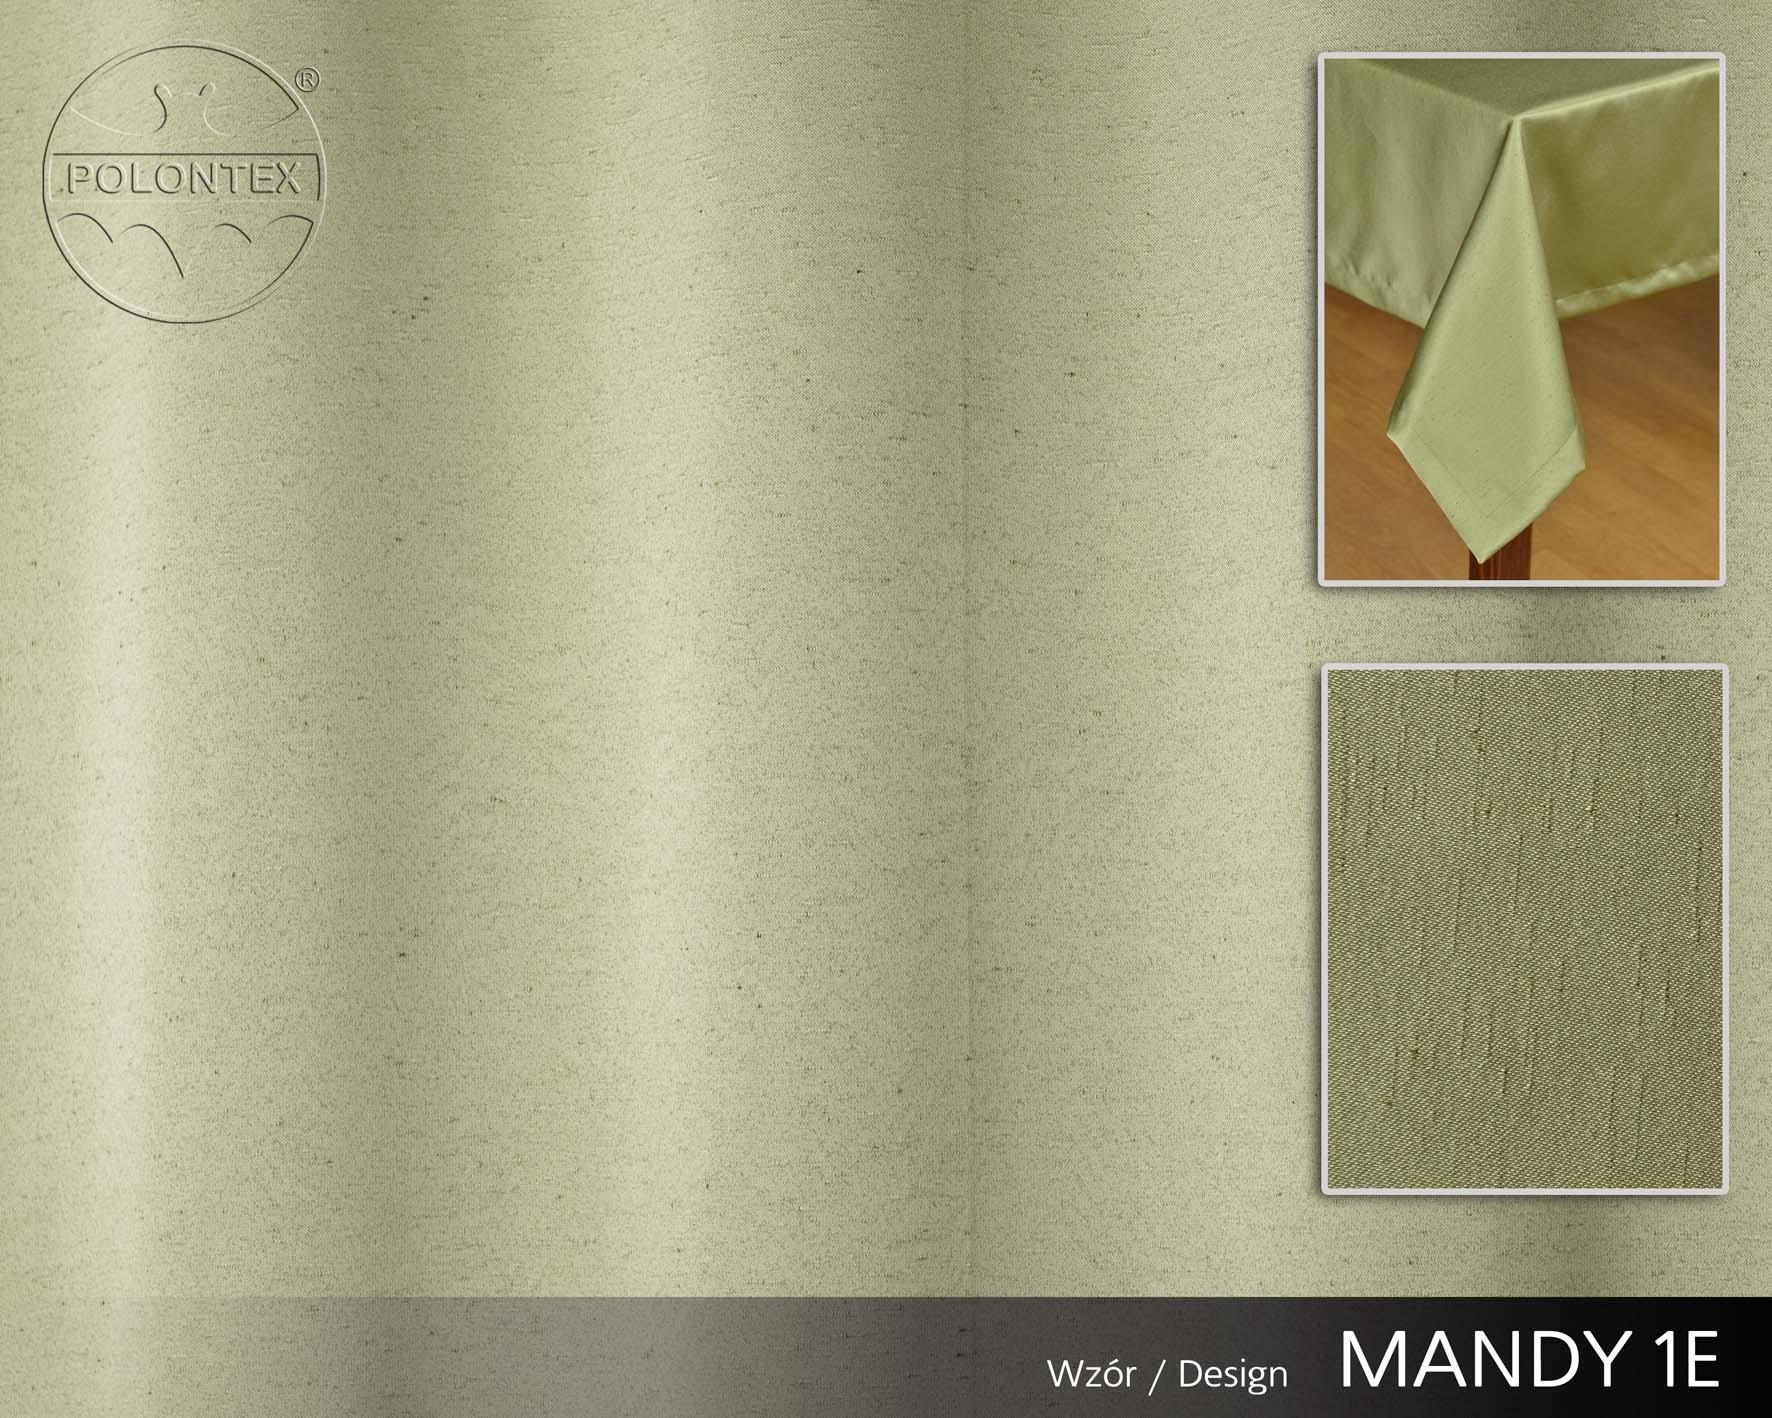 MANDY 1E 6418